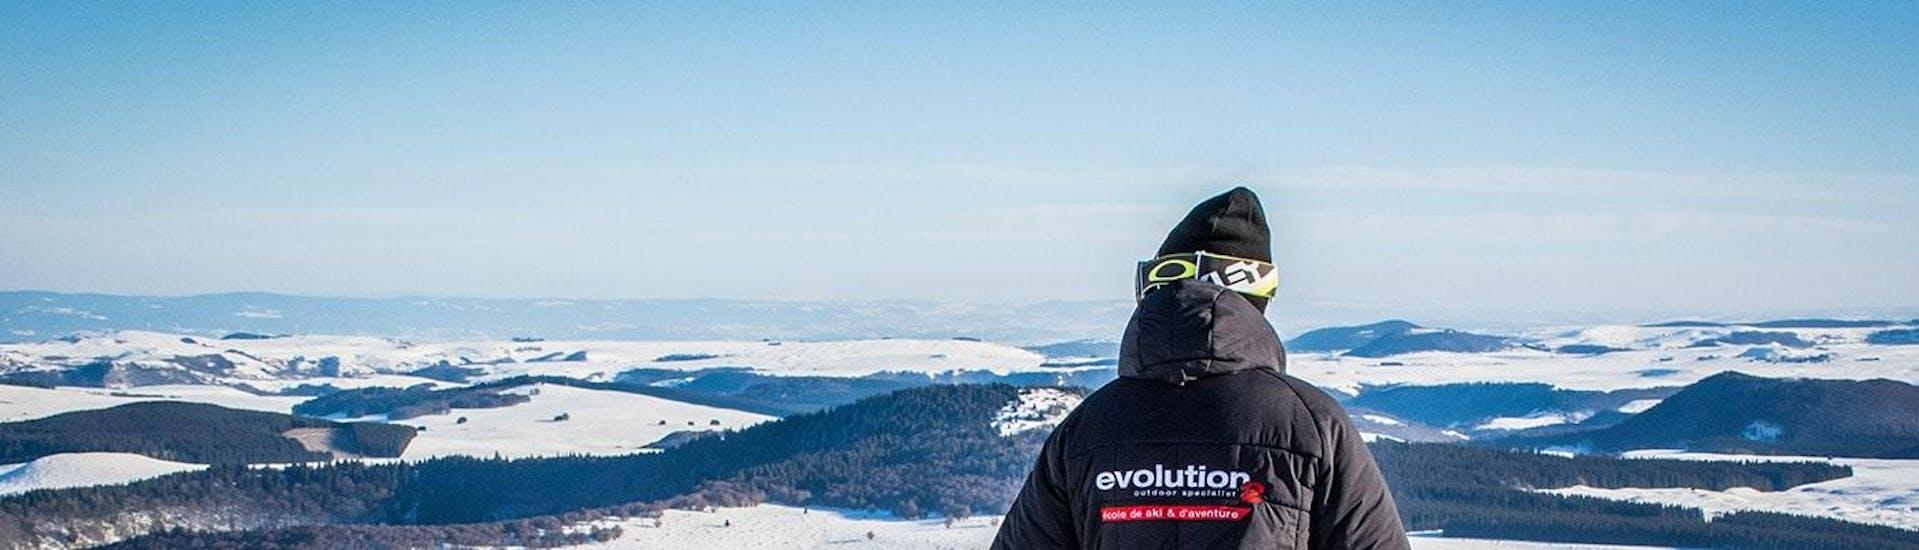 Un skieur contemple le paysage enneigé à ses pieds pendant son Cours particulier de ski pour Enfants - Tous âges avec l'école de ski Evolution 2 Super Besse.